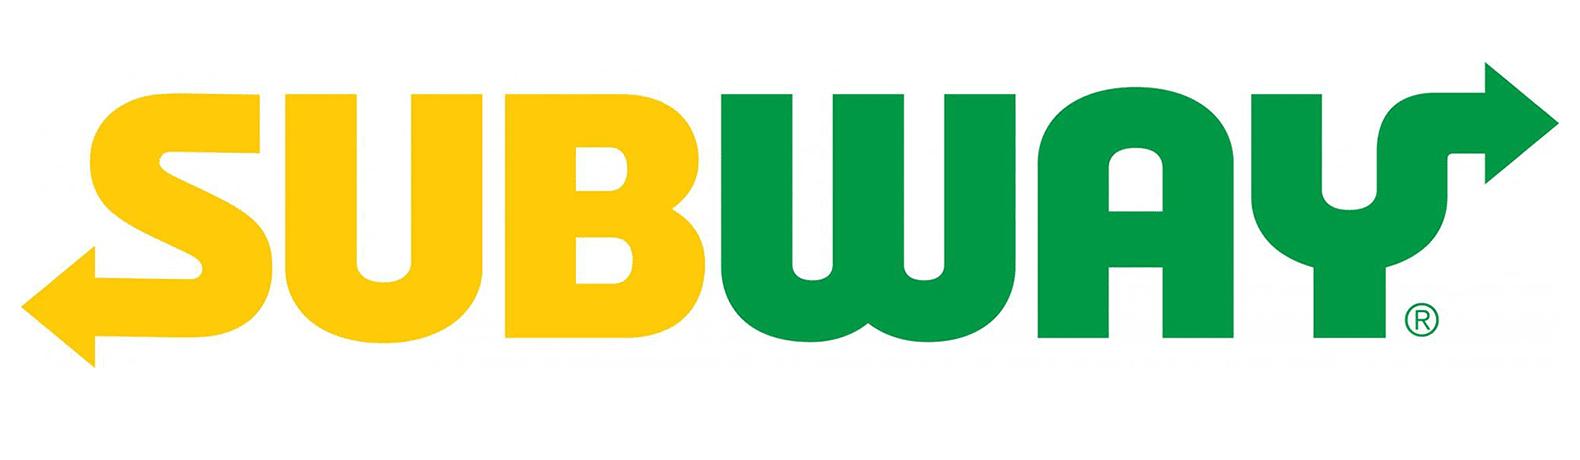 Subway PNG - 33117